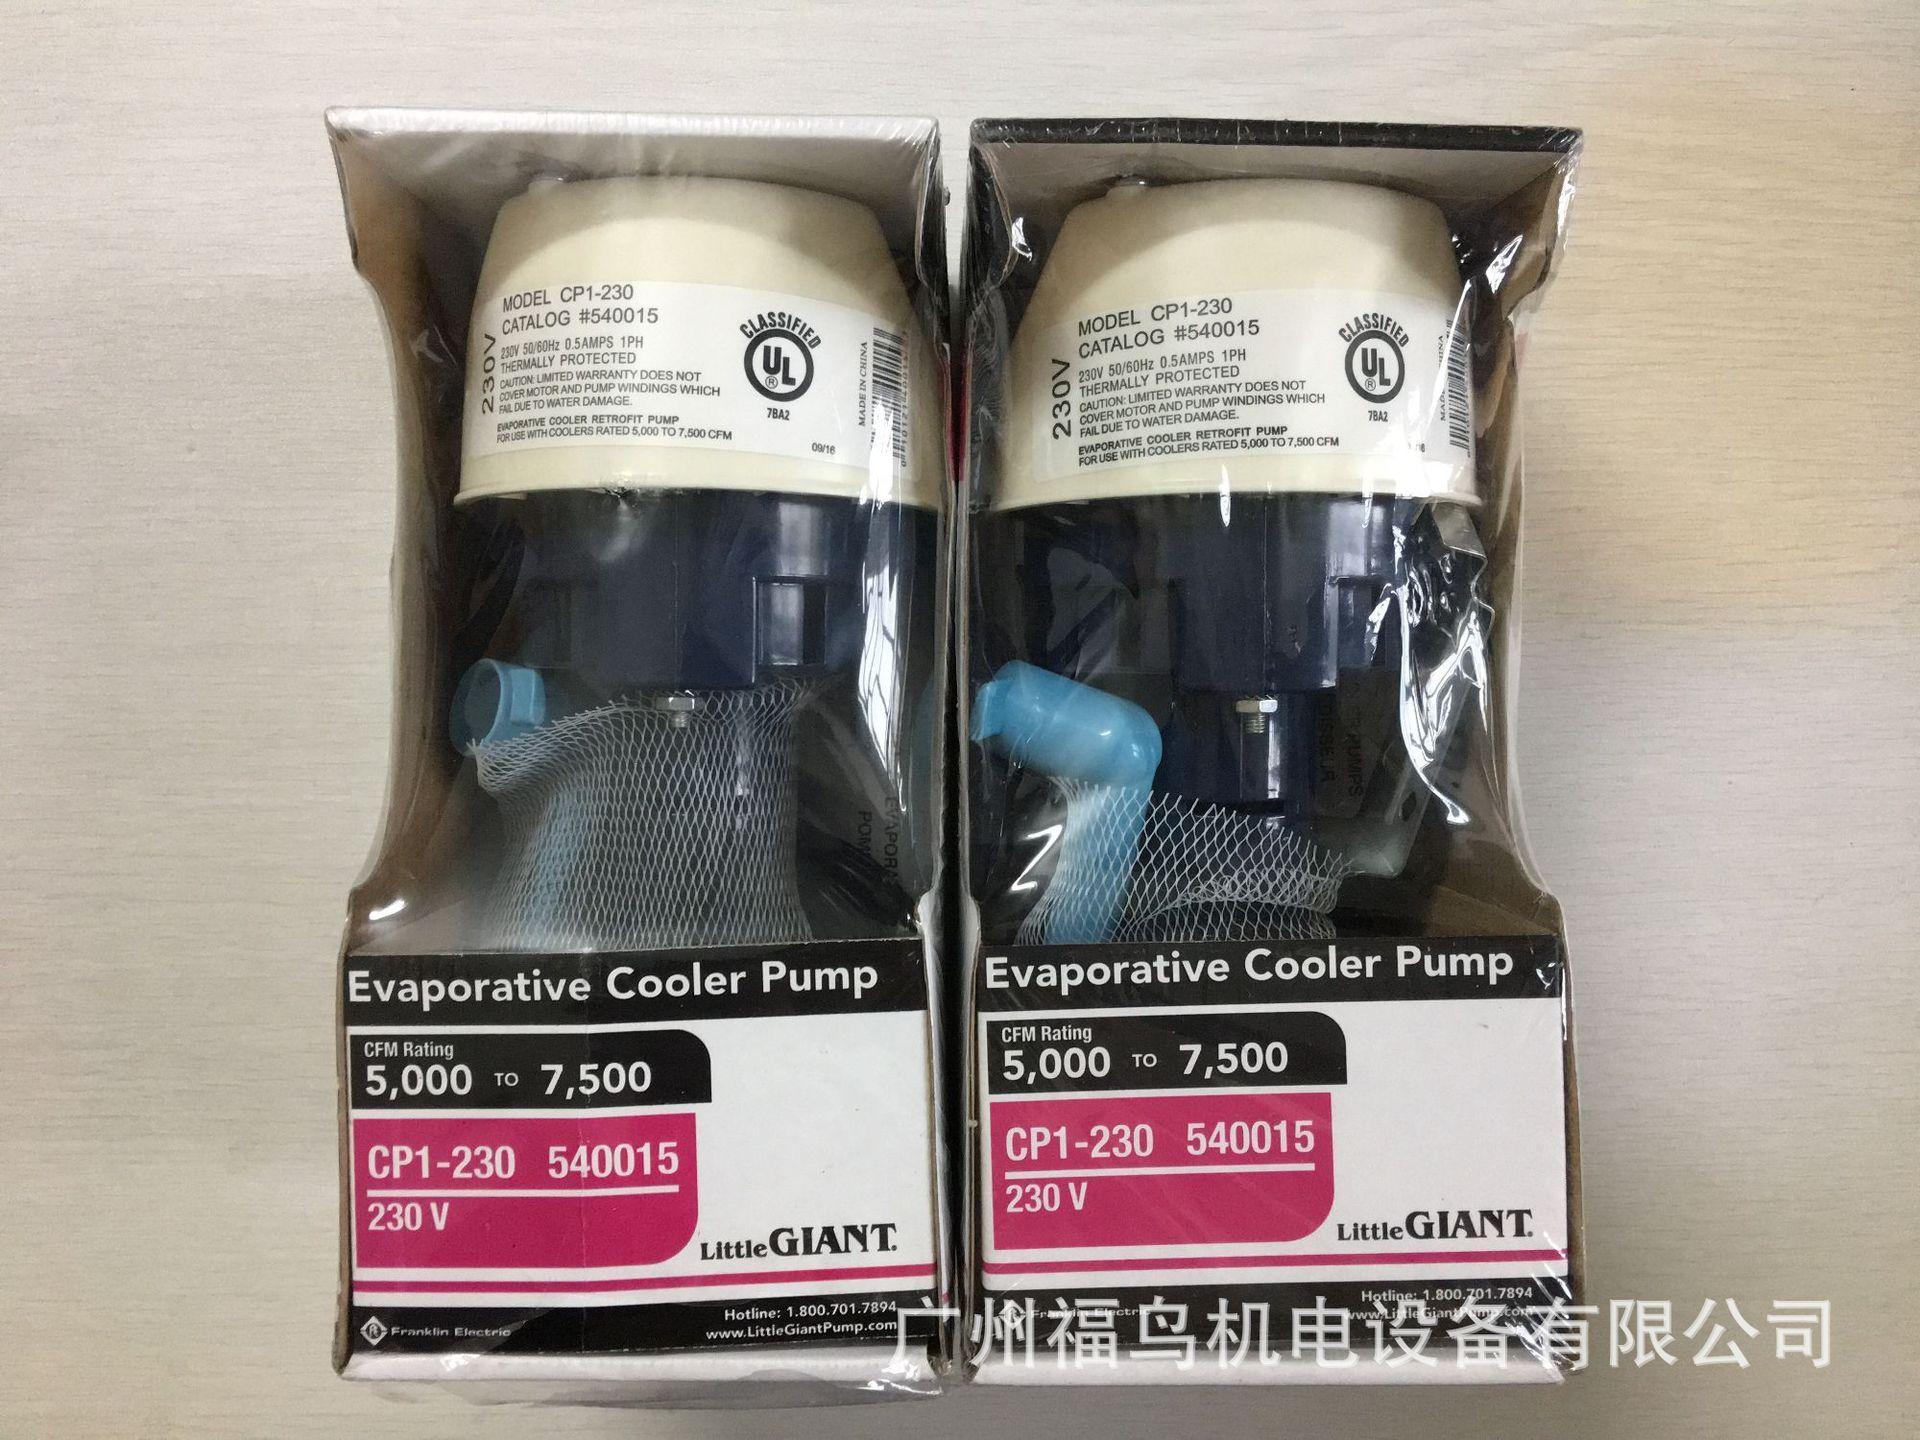 供应LITTLE GIANT冷却泵(CP1-230) 7